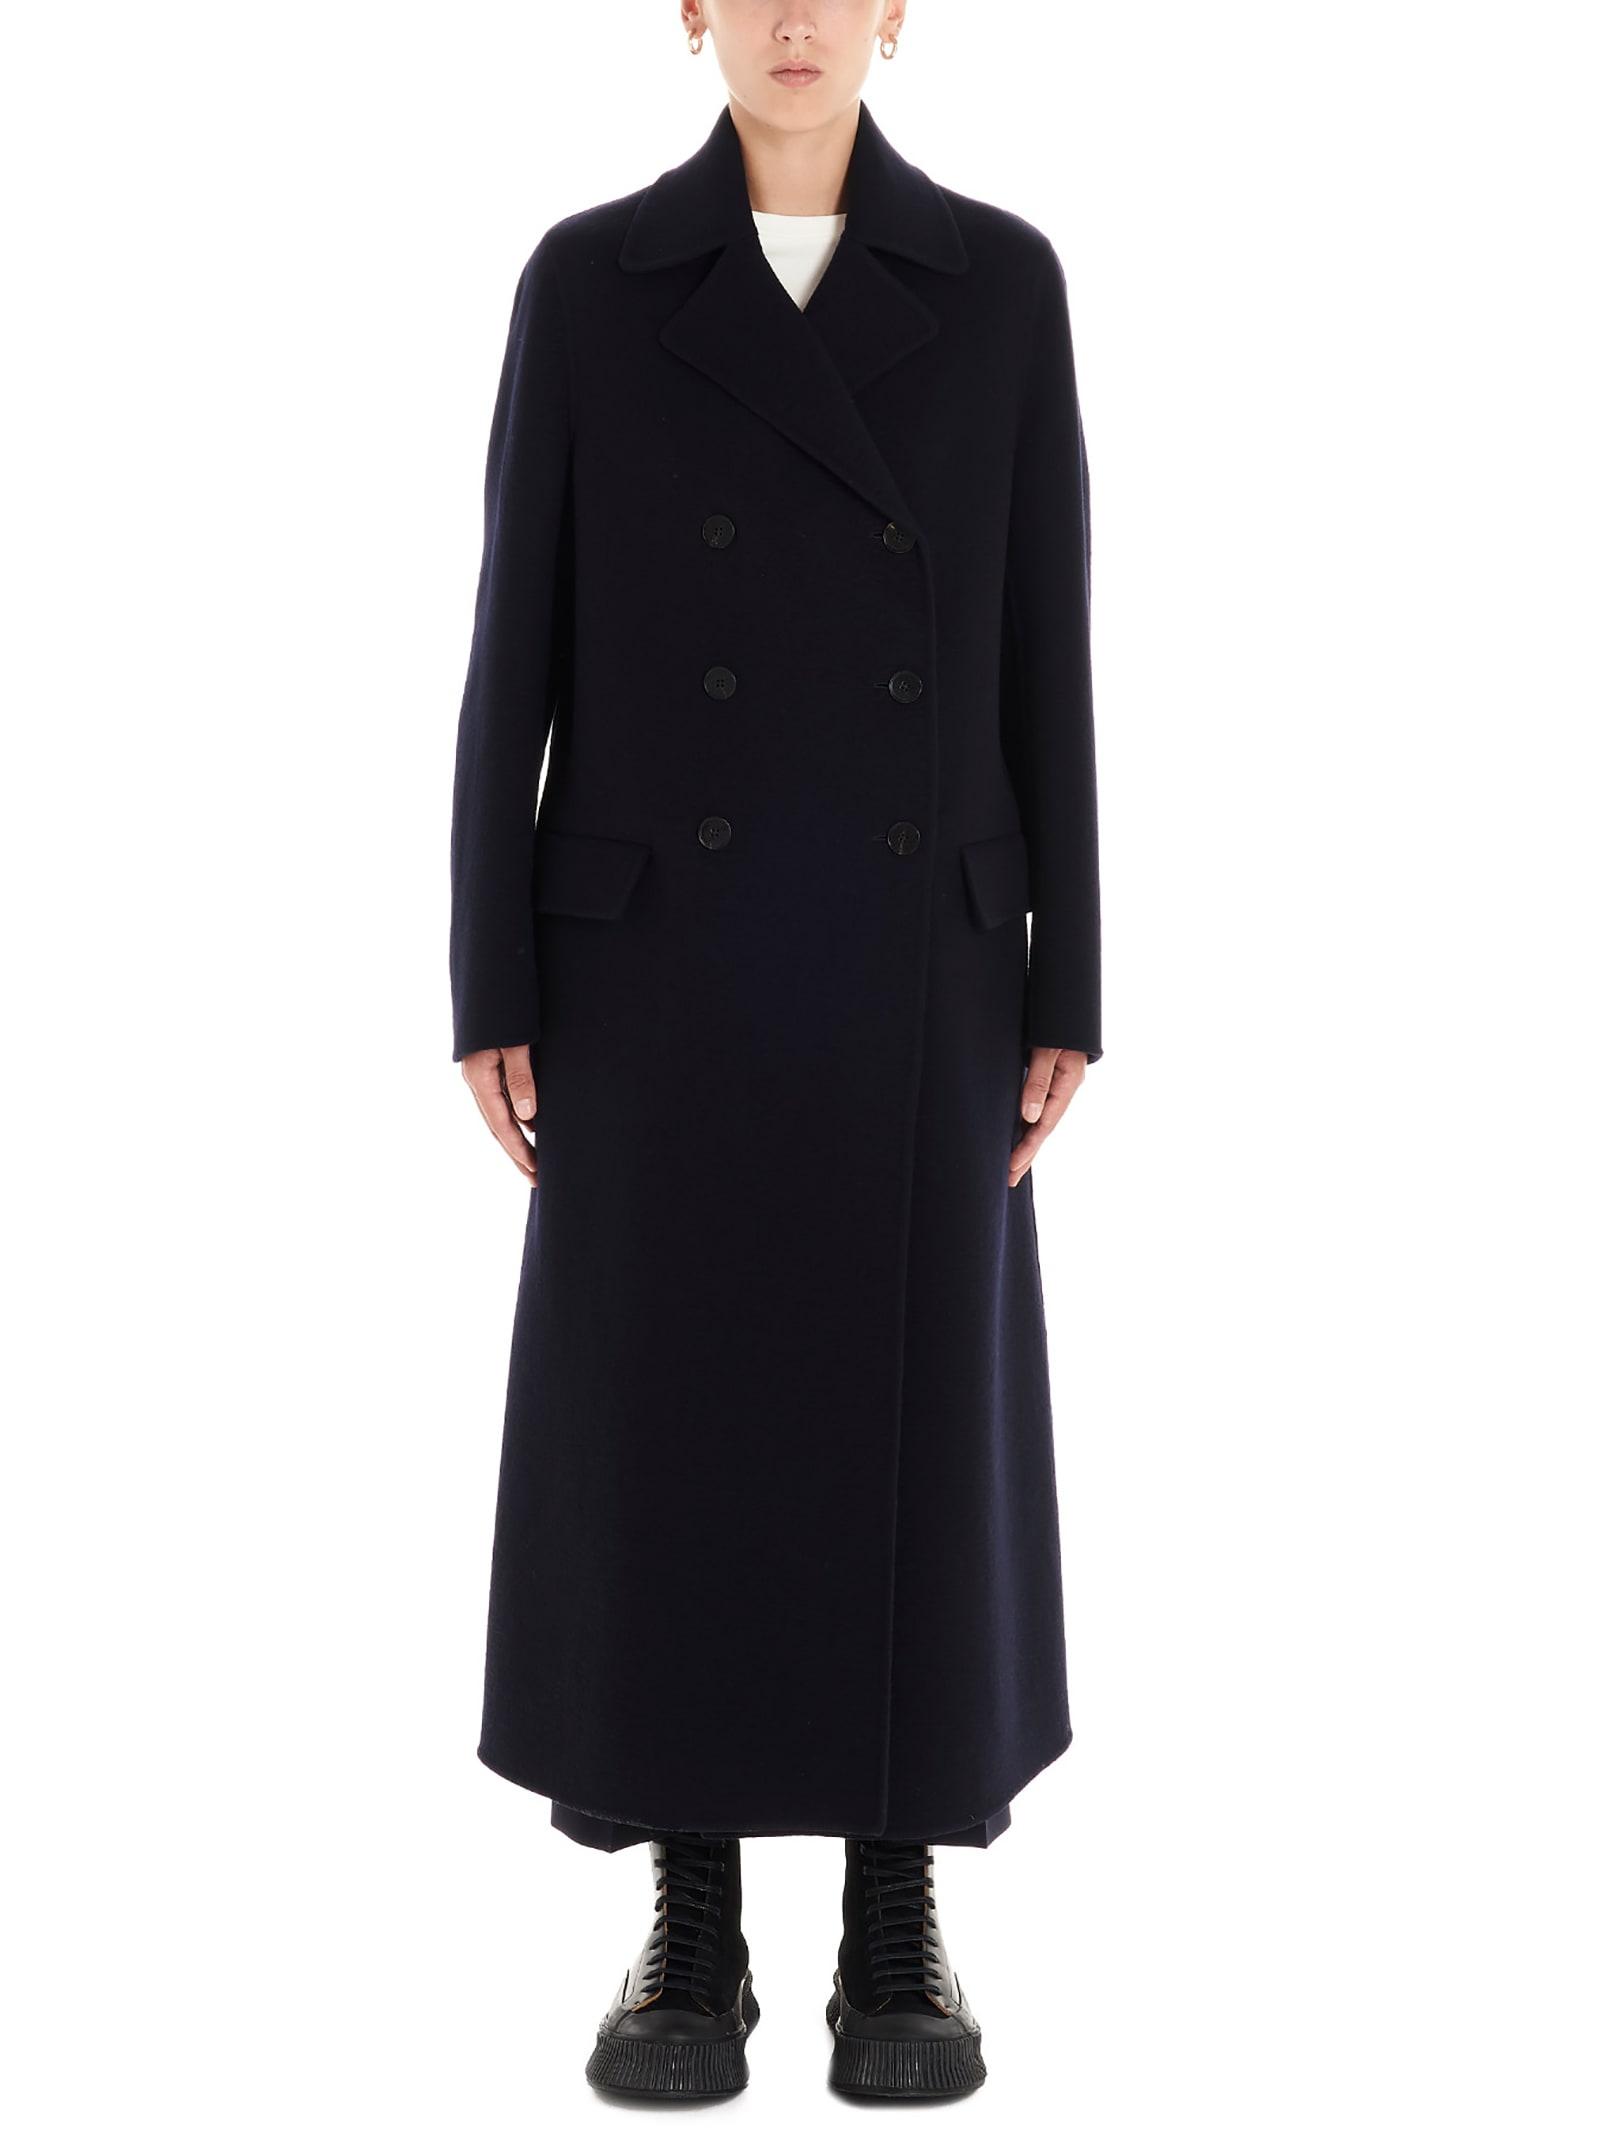 Jil Sander lucien Coat